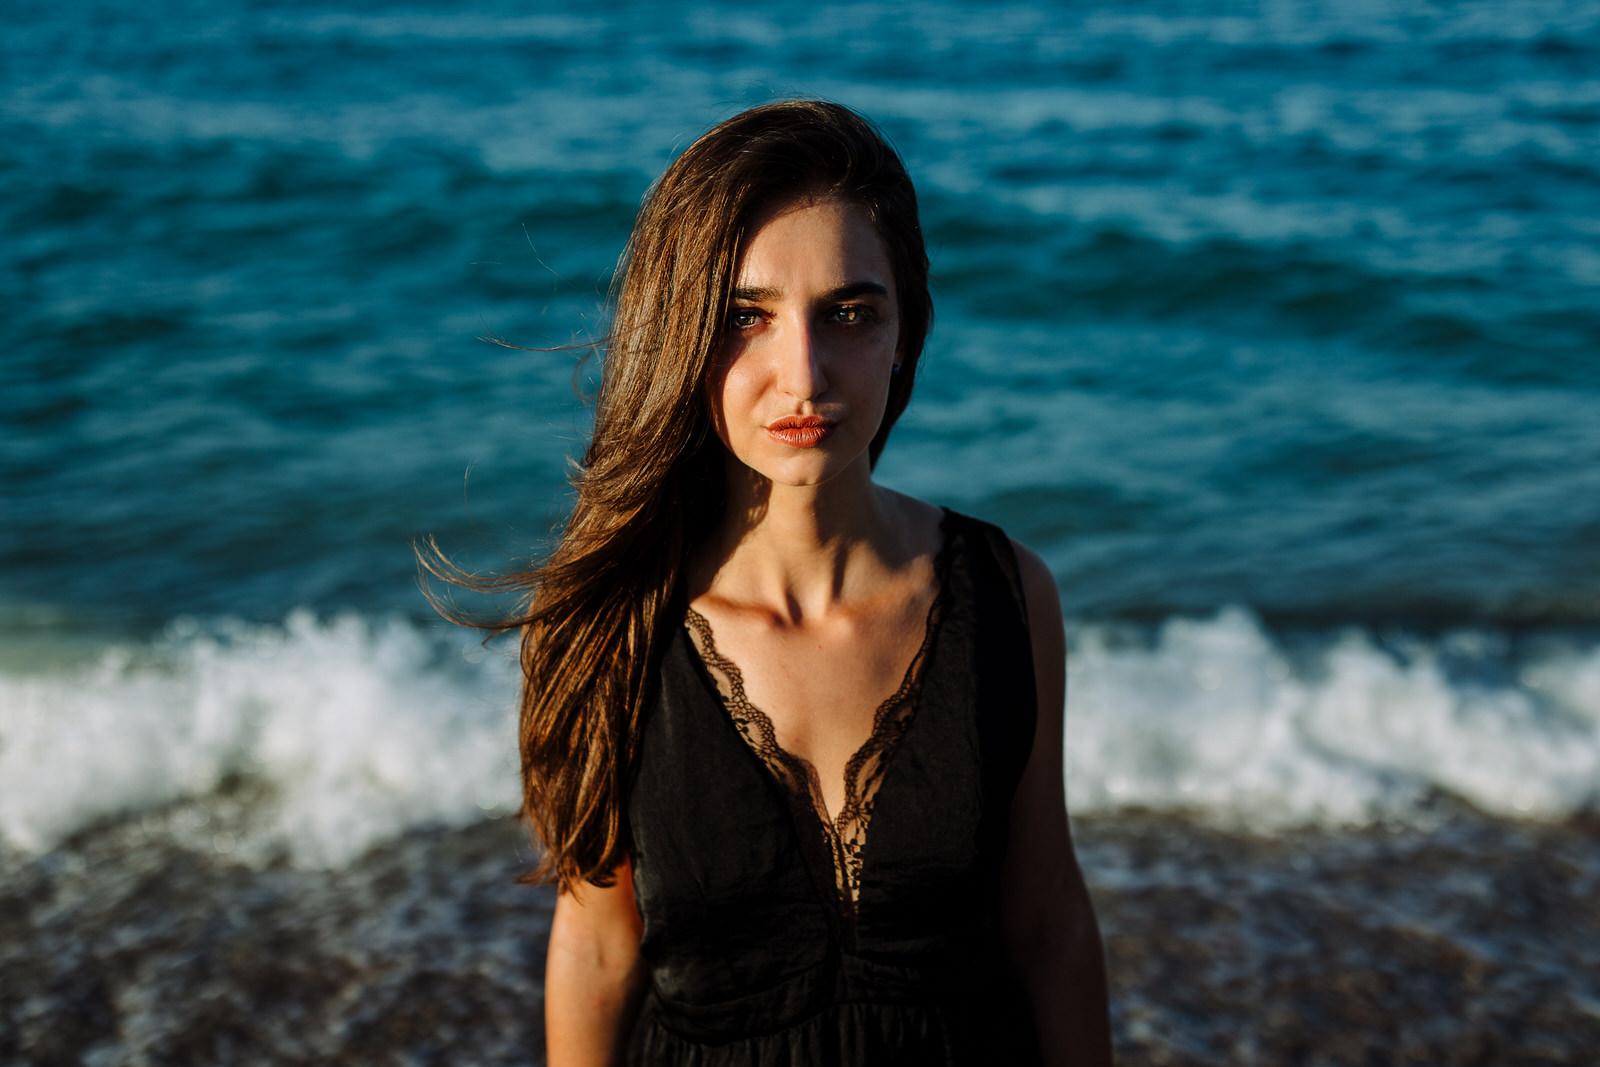 Servizi fotografici per ragazze ad Ancona